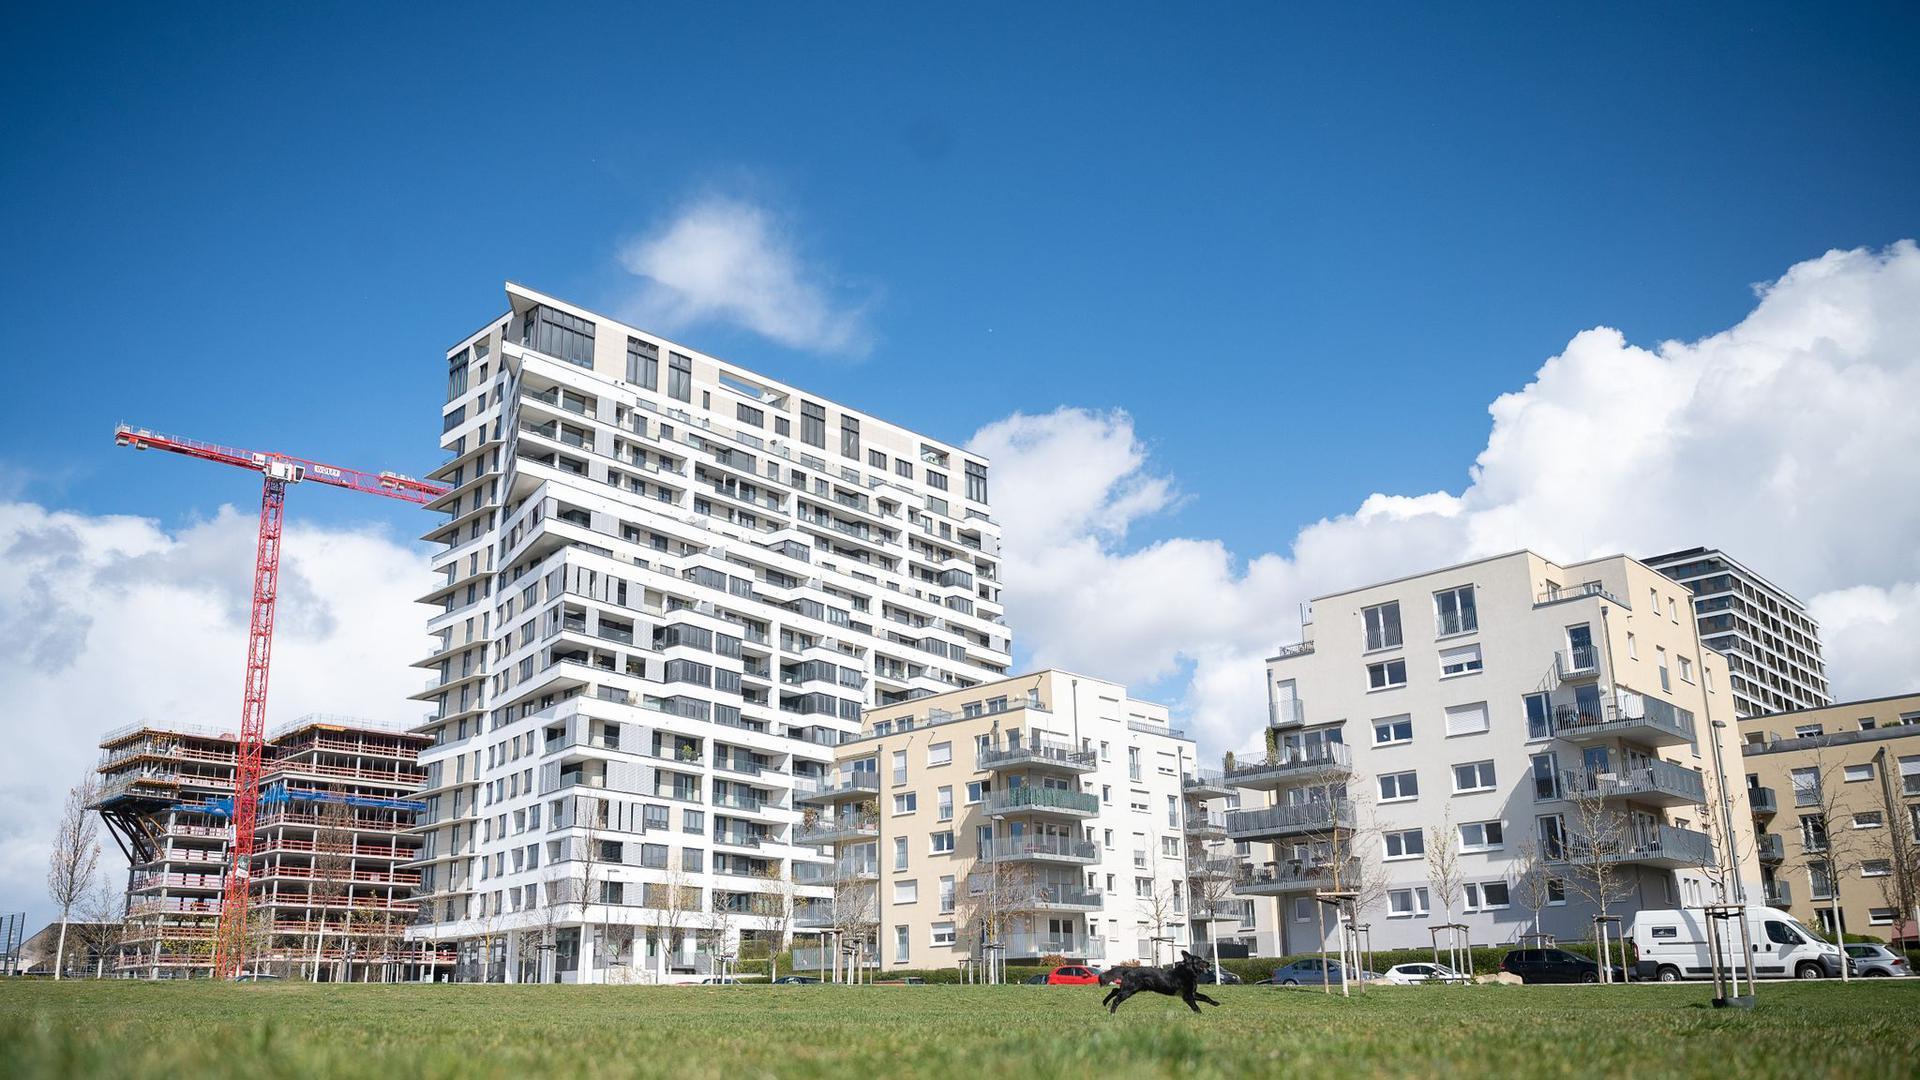 """""""Trotz steigender Immobilienpreise und der wirtschaftlichen Unsicherheit ist das Interesse von Privatkunden an Immobilien ungebrochen"""", sagt Tomas Rederer, Partner und Kreditexperte bei PwC Deutschland."""